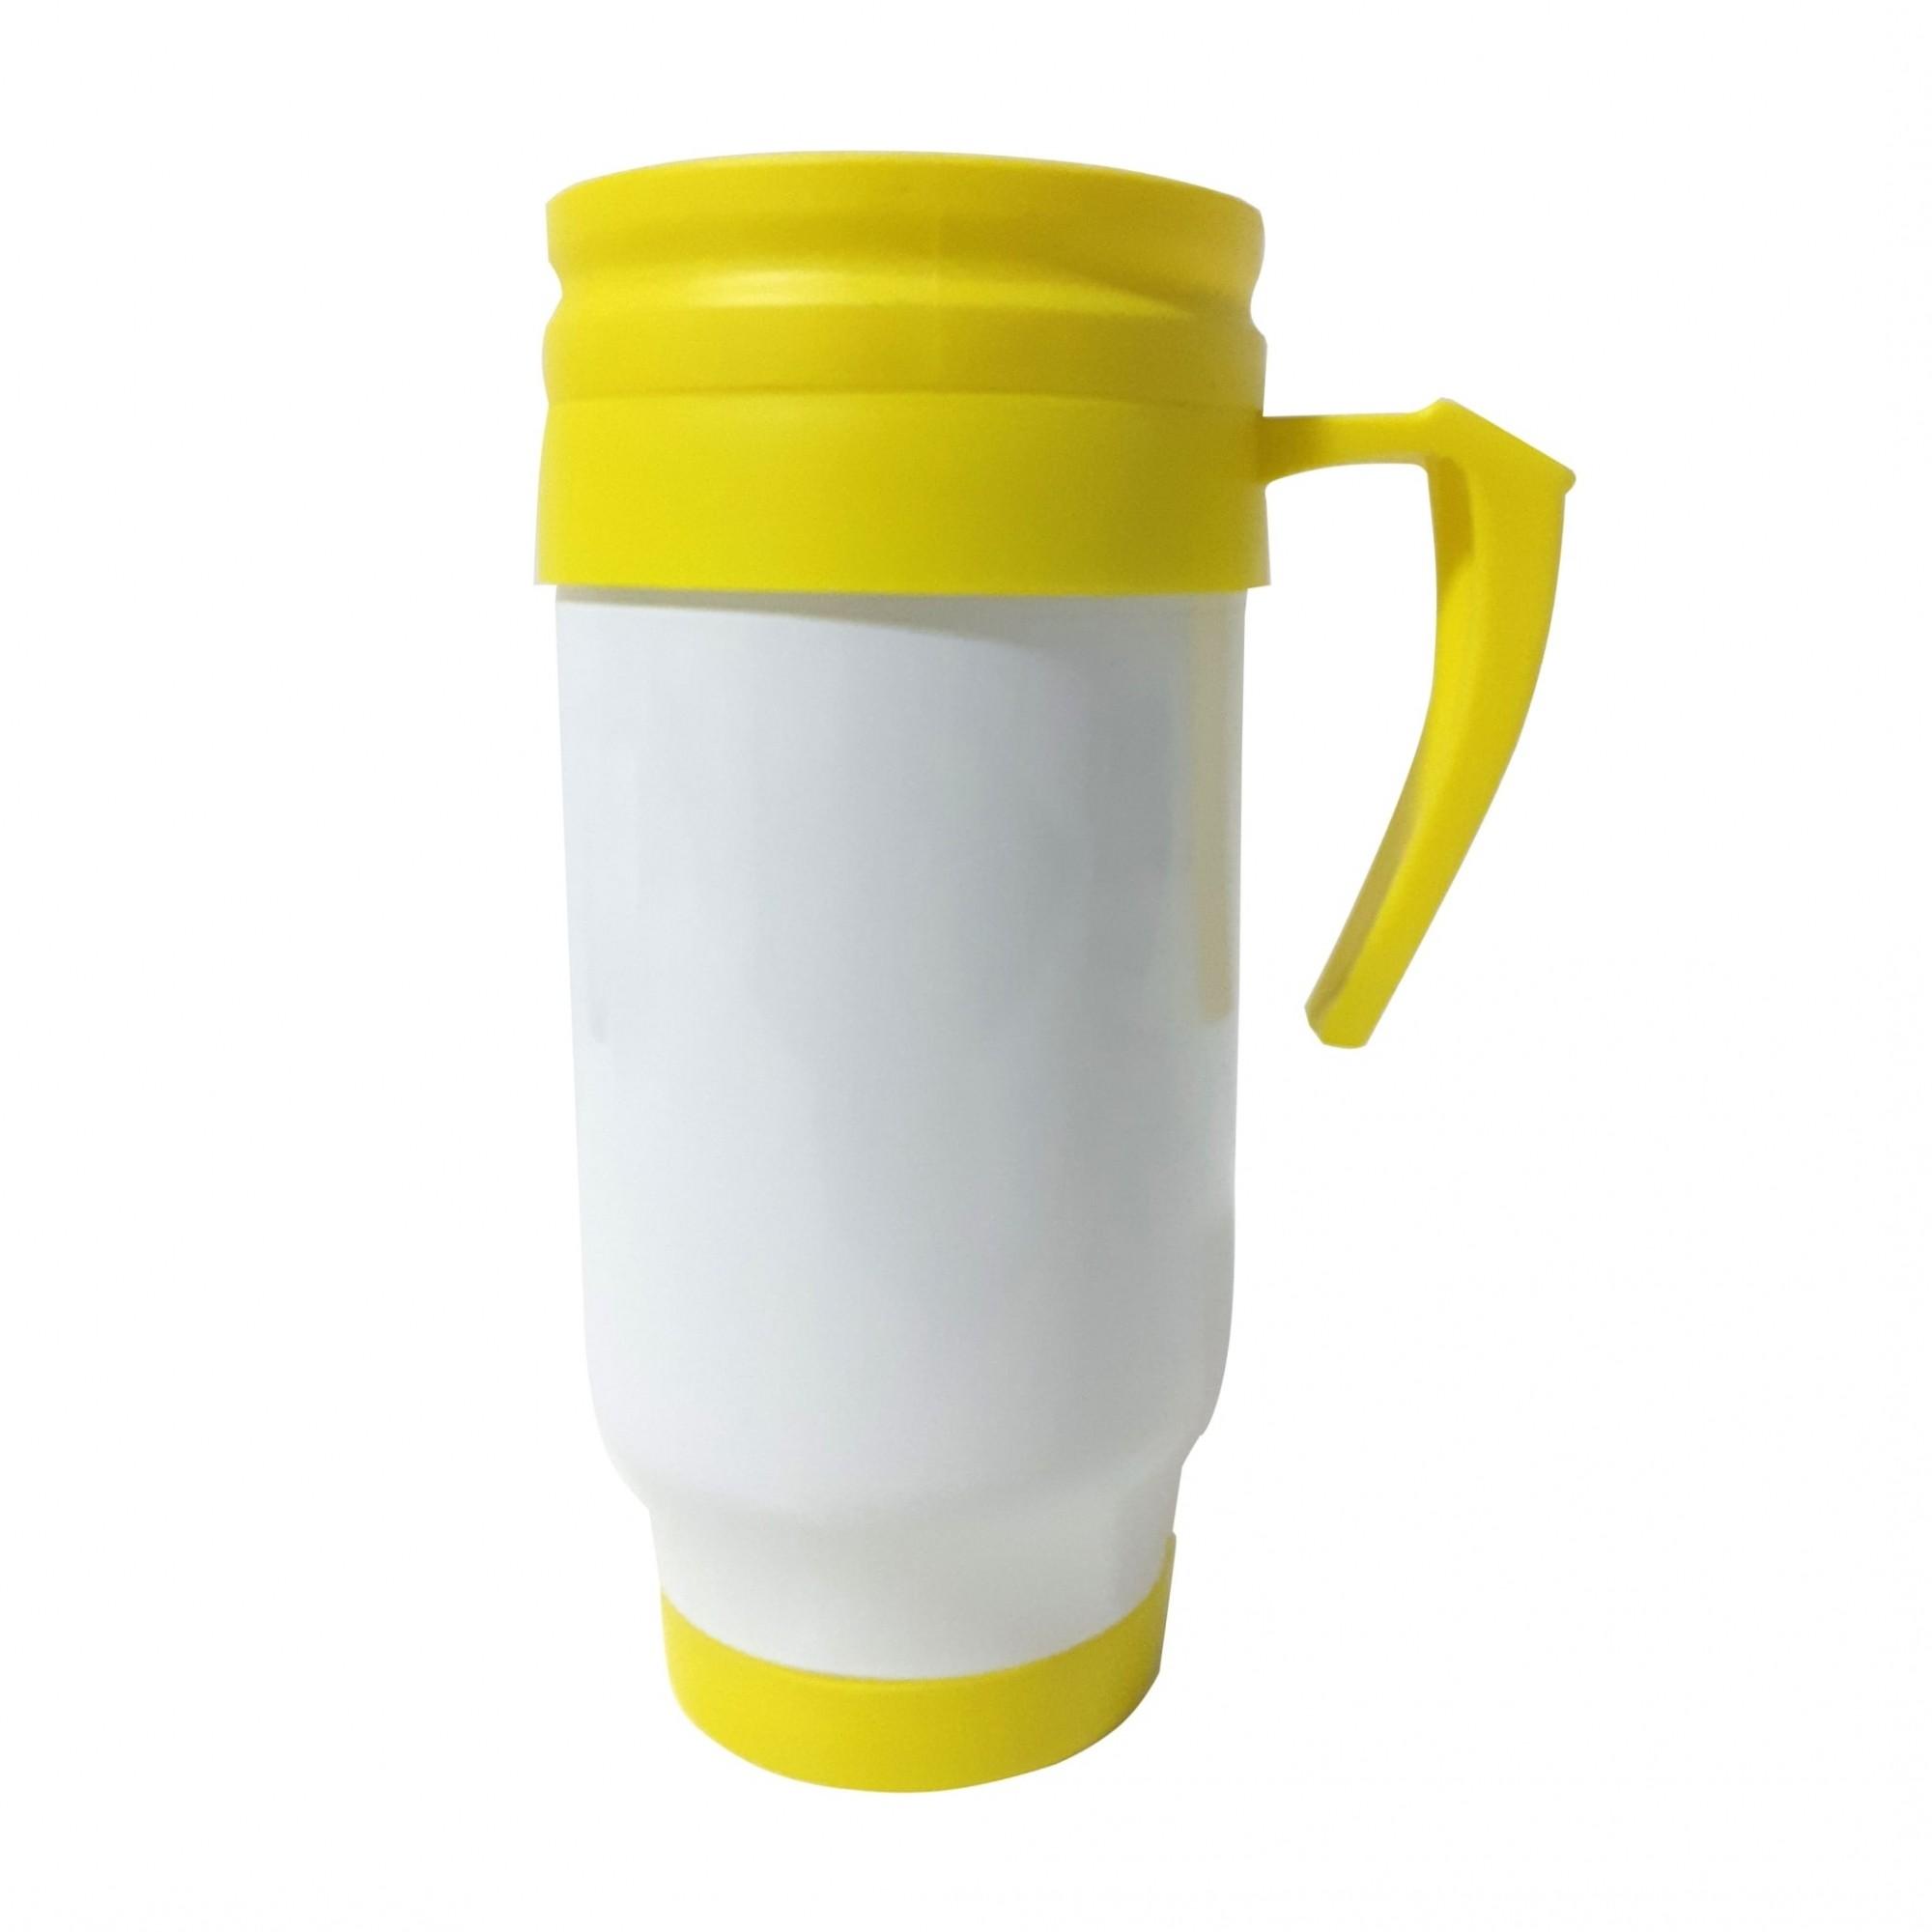 Caneca Térmica em Polímero Para Sublimação - Amarela - SFCT